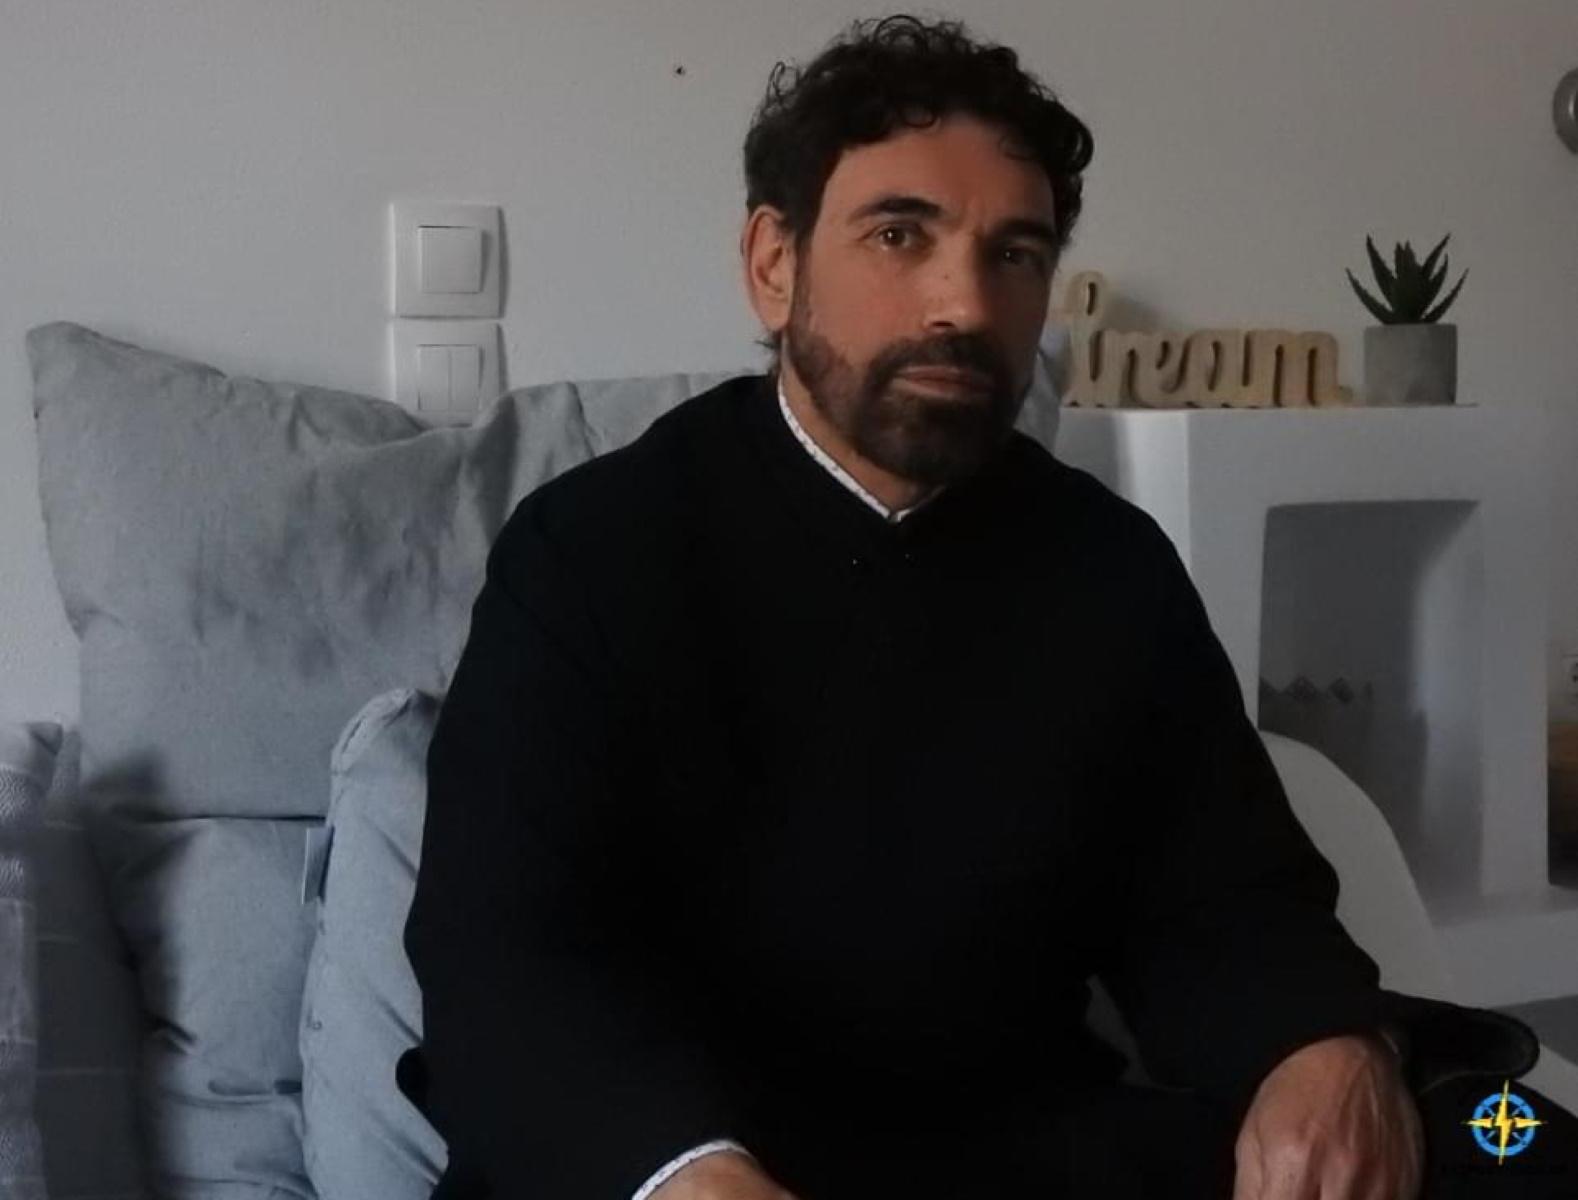 Από βιολιστής του Μαζωνάκη έγινε ιερέας στη Σίφνο – Η συνέντευξη του παπα – Στρατή (video)